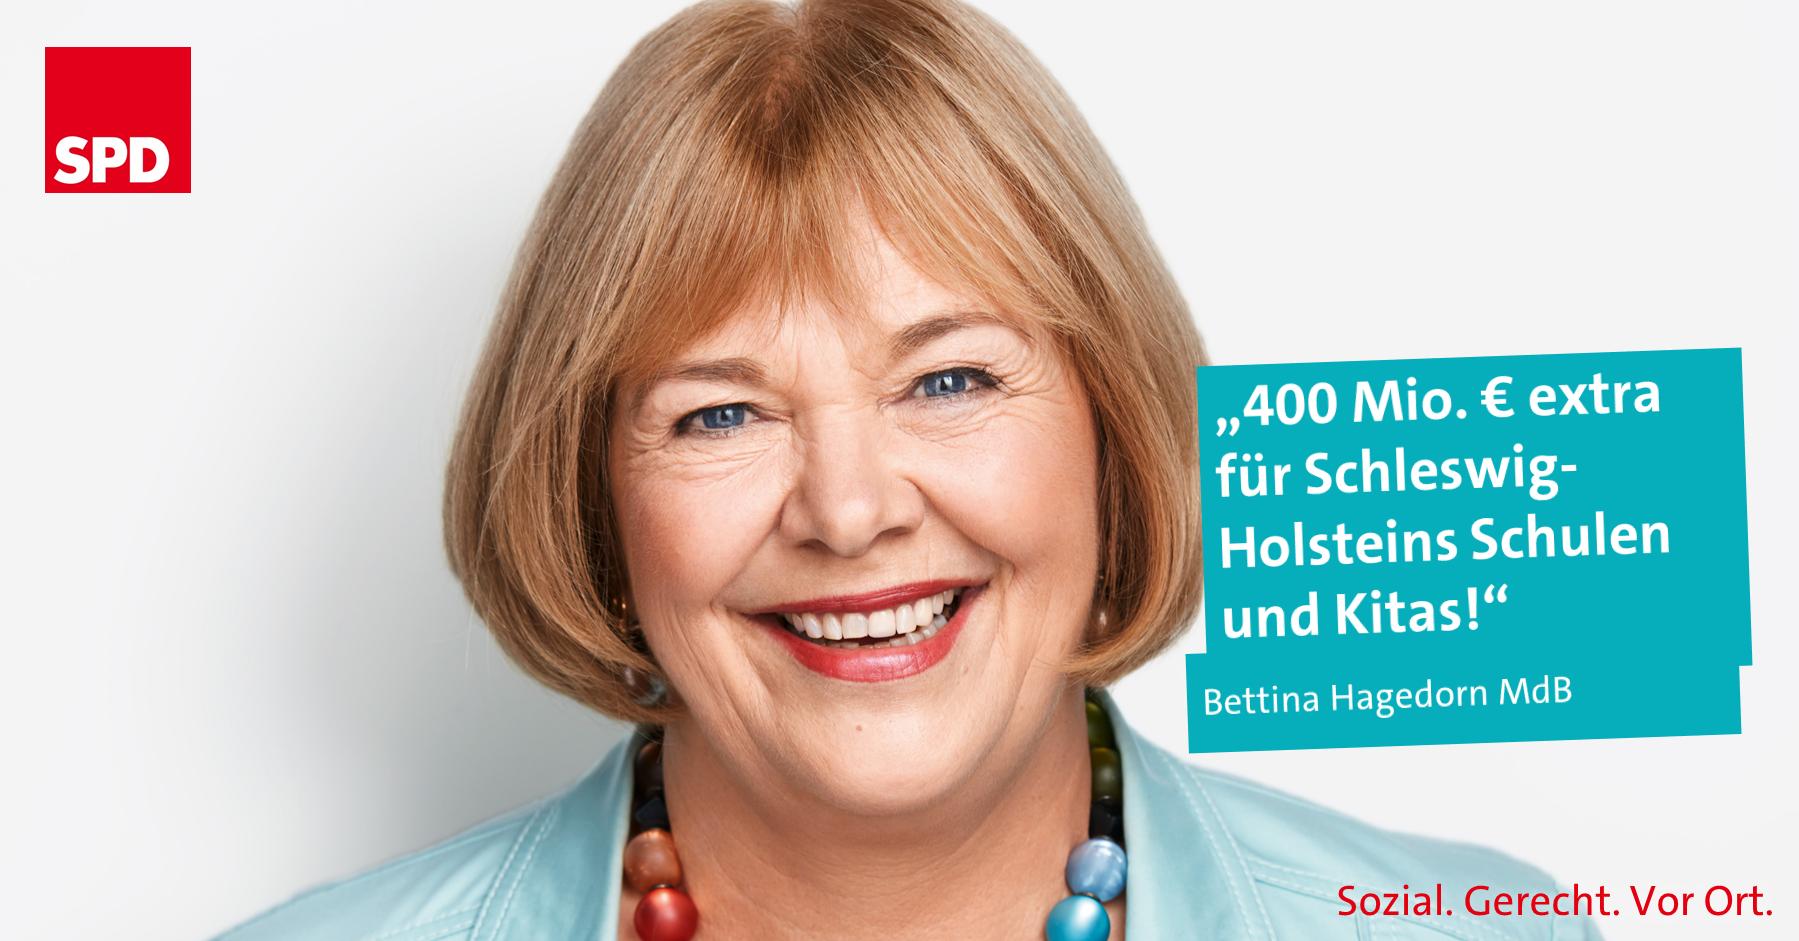 Bettina Hagedorn große koalition was ist drin für städte und gemeinden